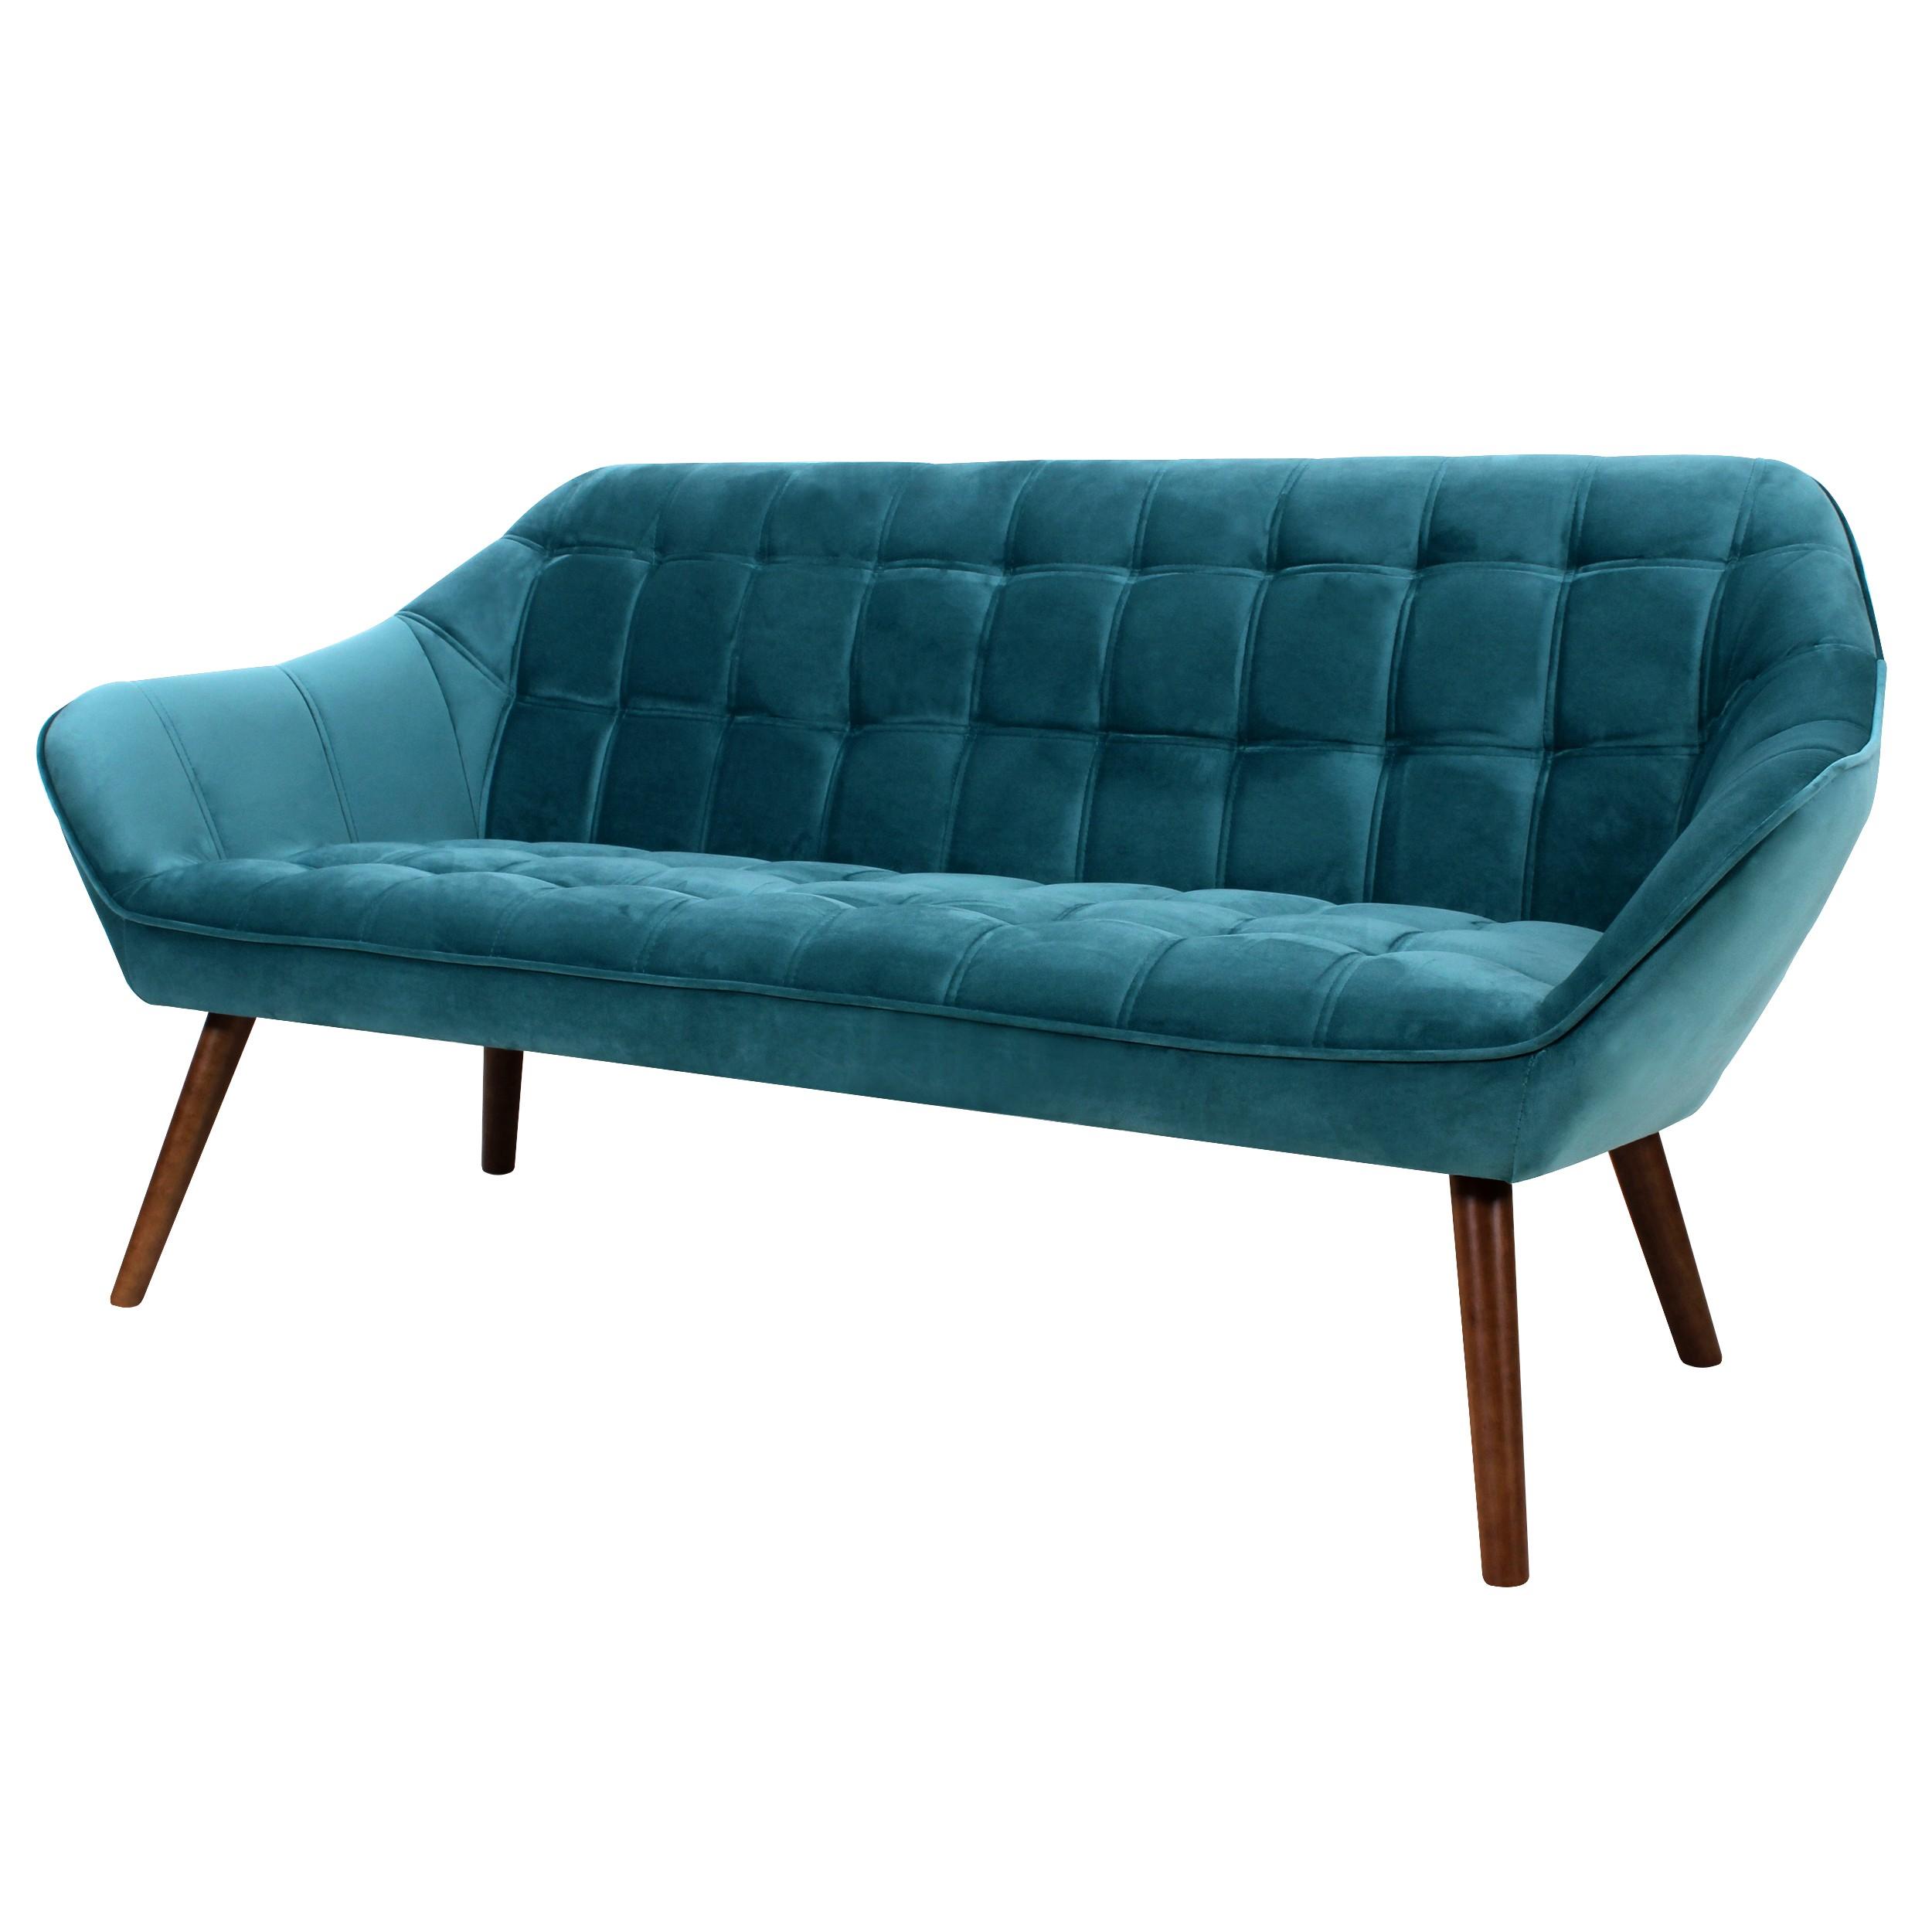 Canapé Benjamin 3 places en velours bleu turquoise - Design Lab ...